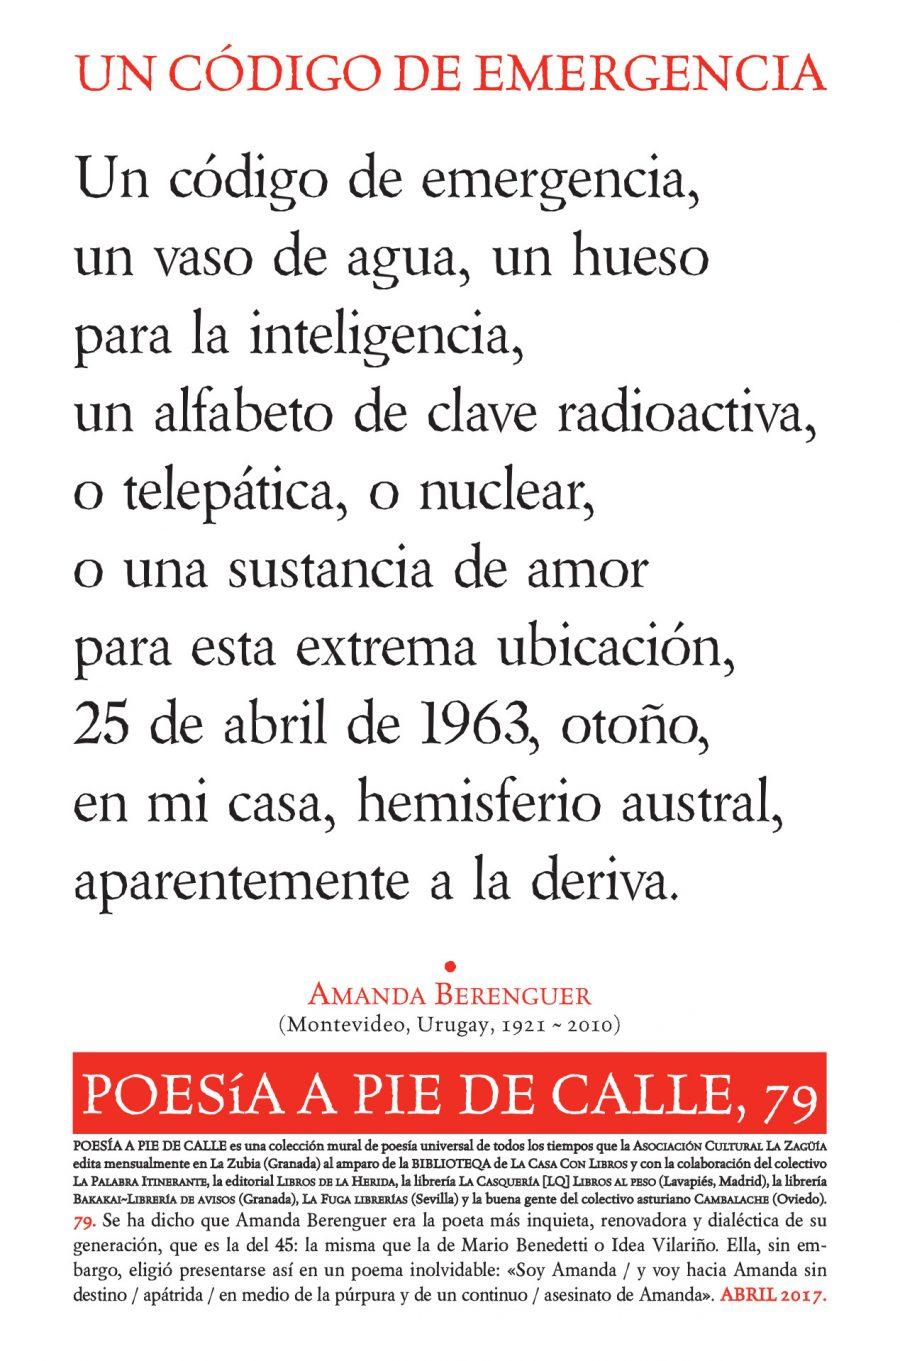 POESÍA A PIE DE CALLE, 79: «Un código de emergencia», de AMANDA BERENGUER